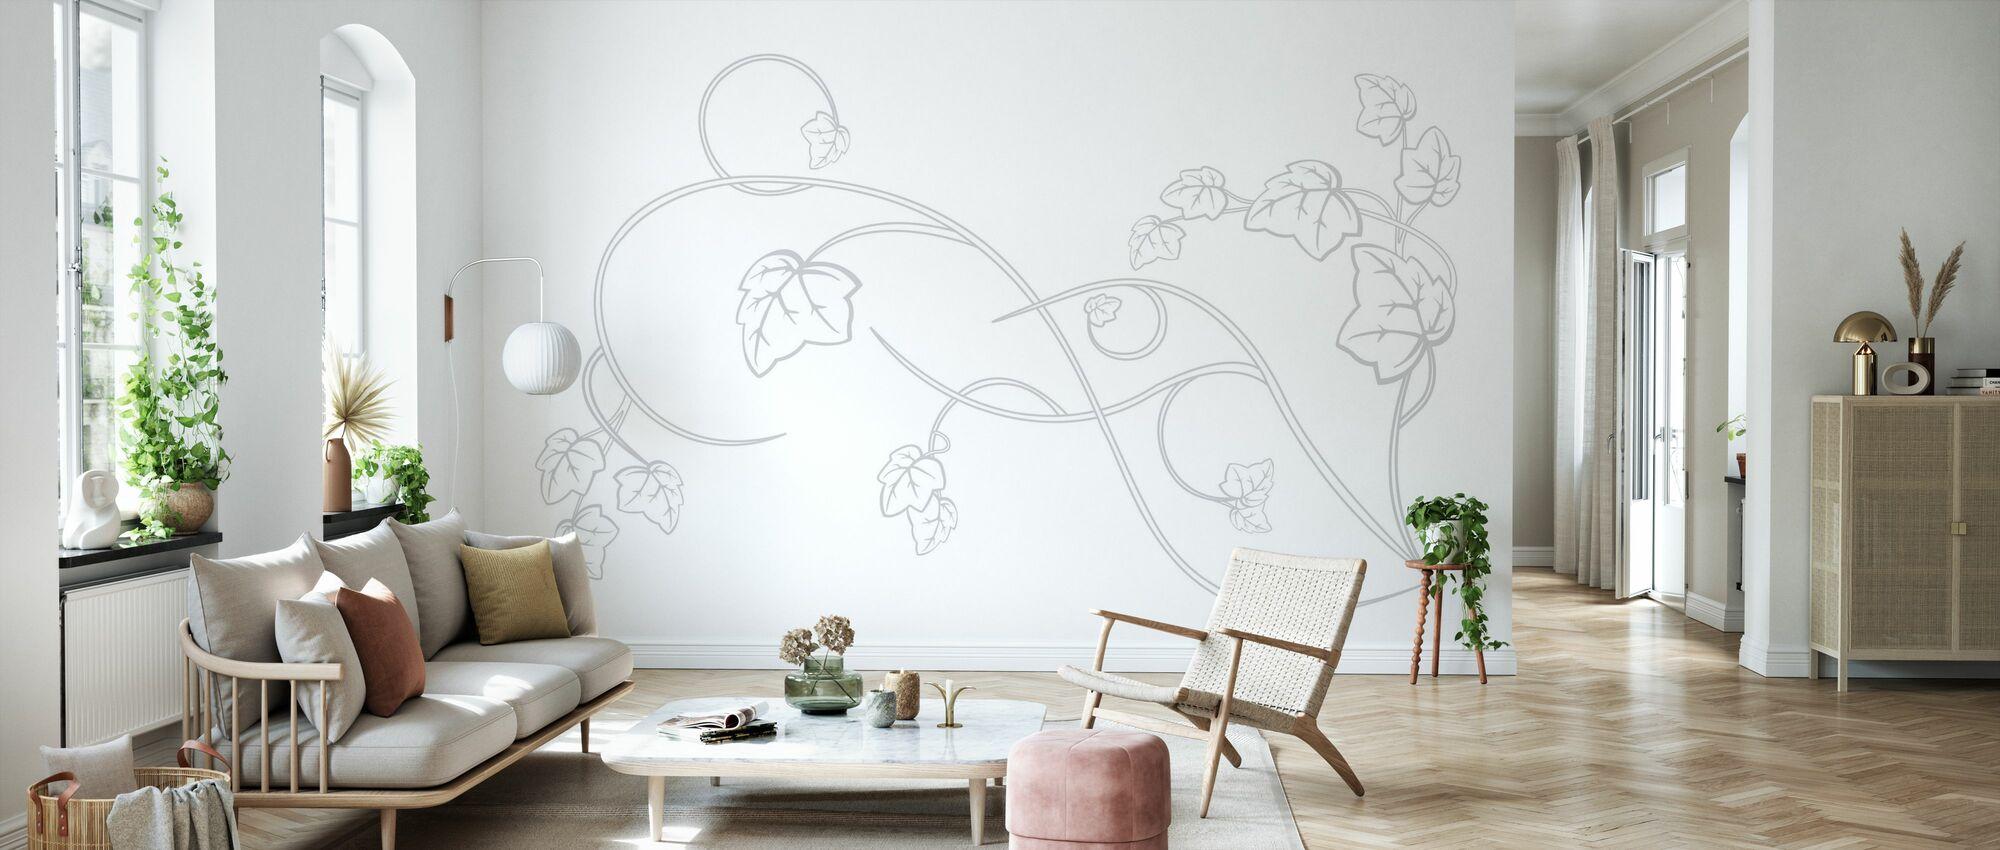 Ranka - Wallpaper - Living Room